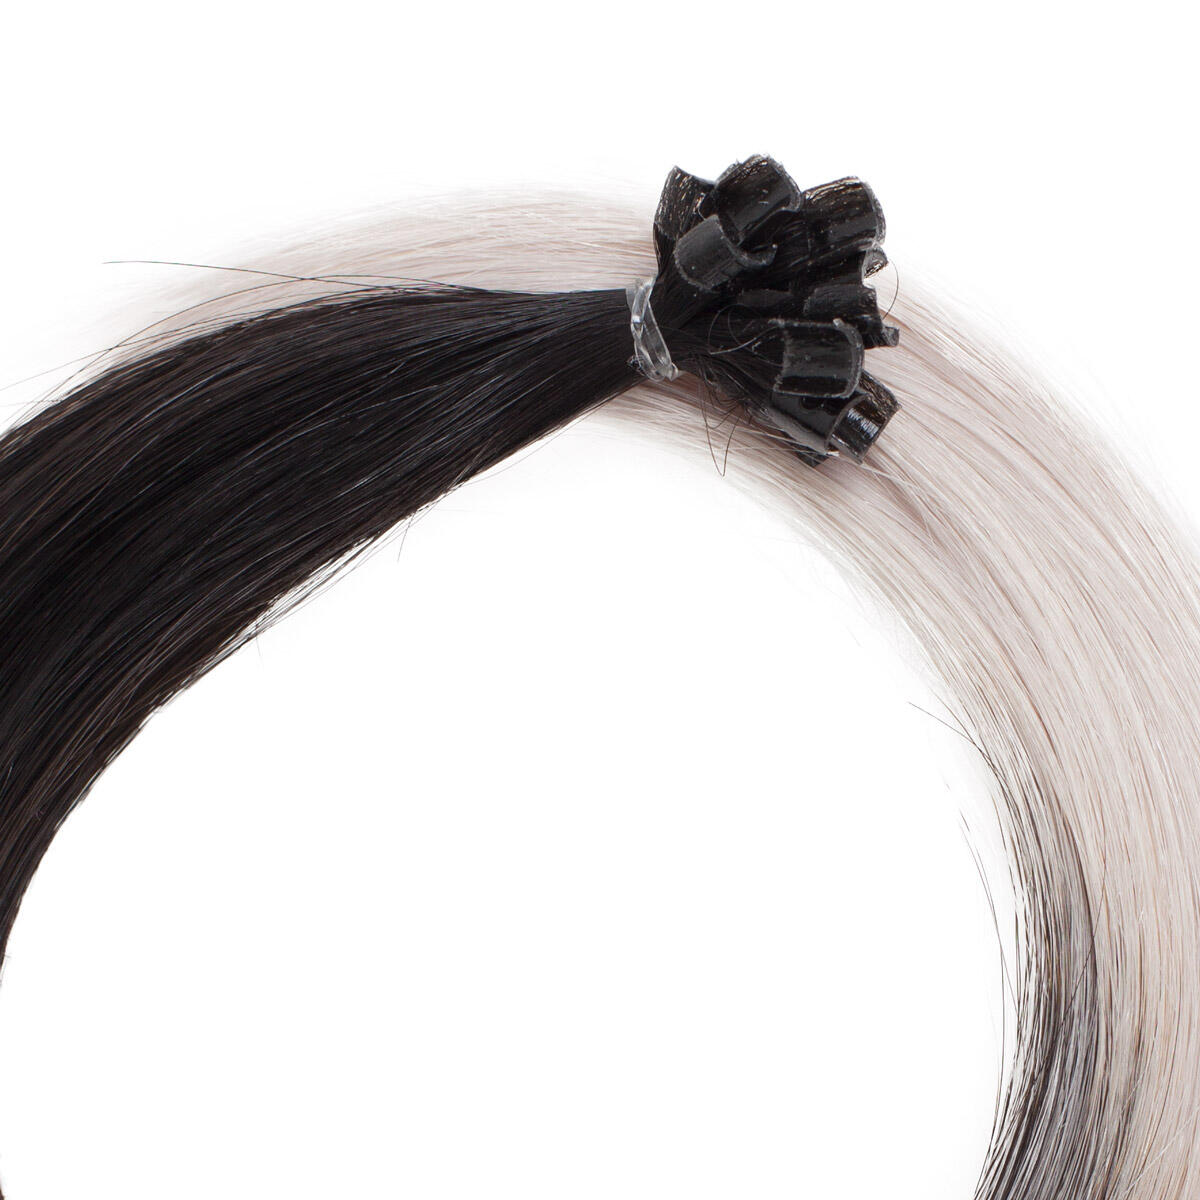 Bondings Original Glatt 1.2/10.5 Black Brown Grey 50 cm